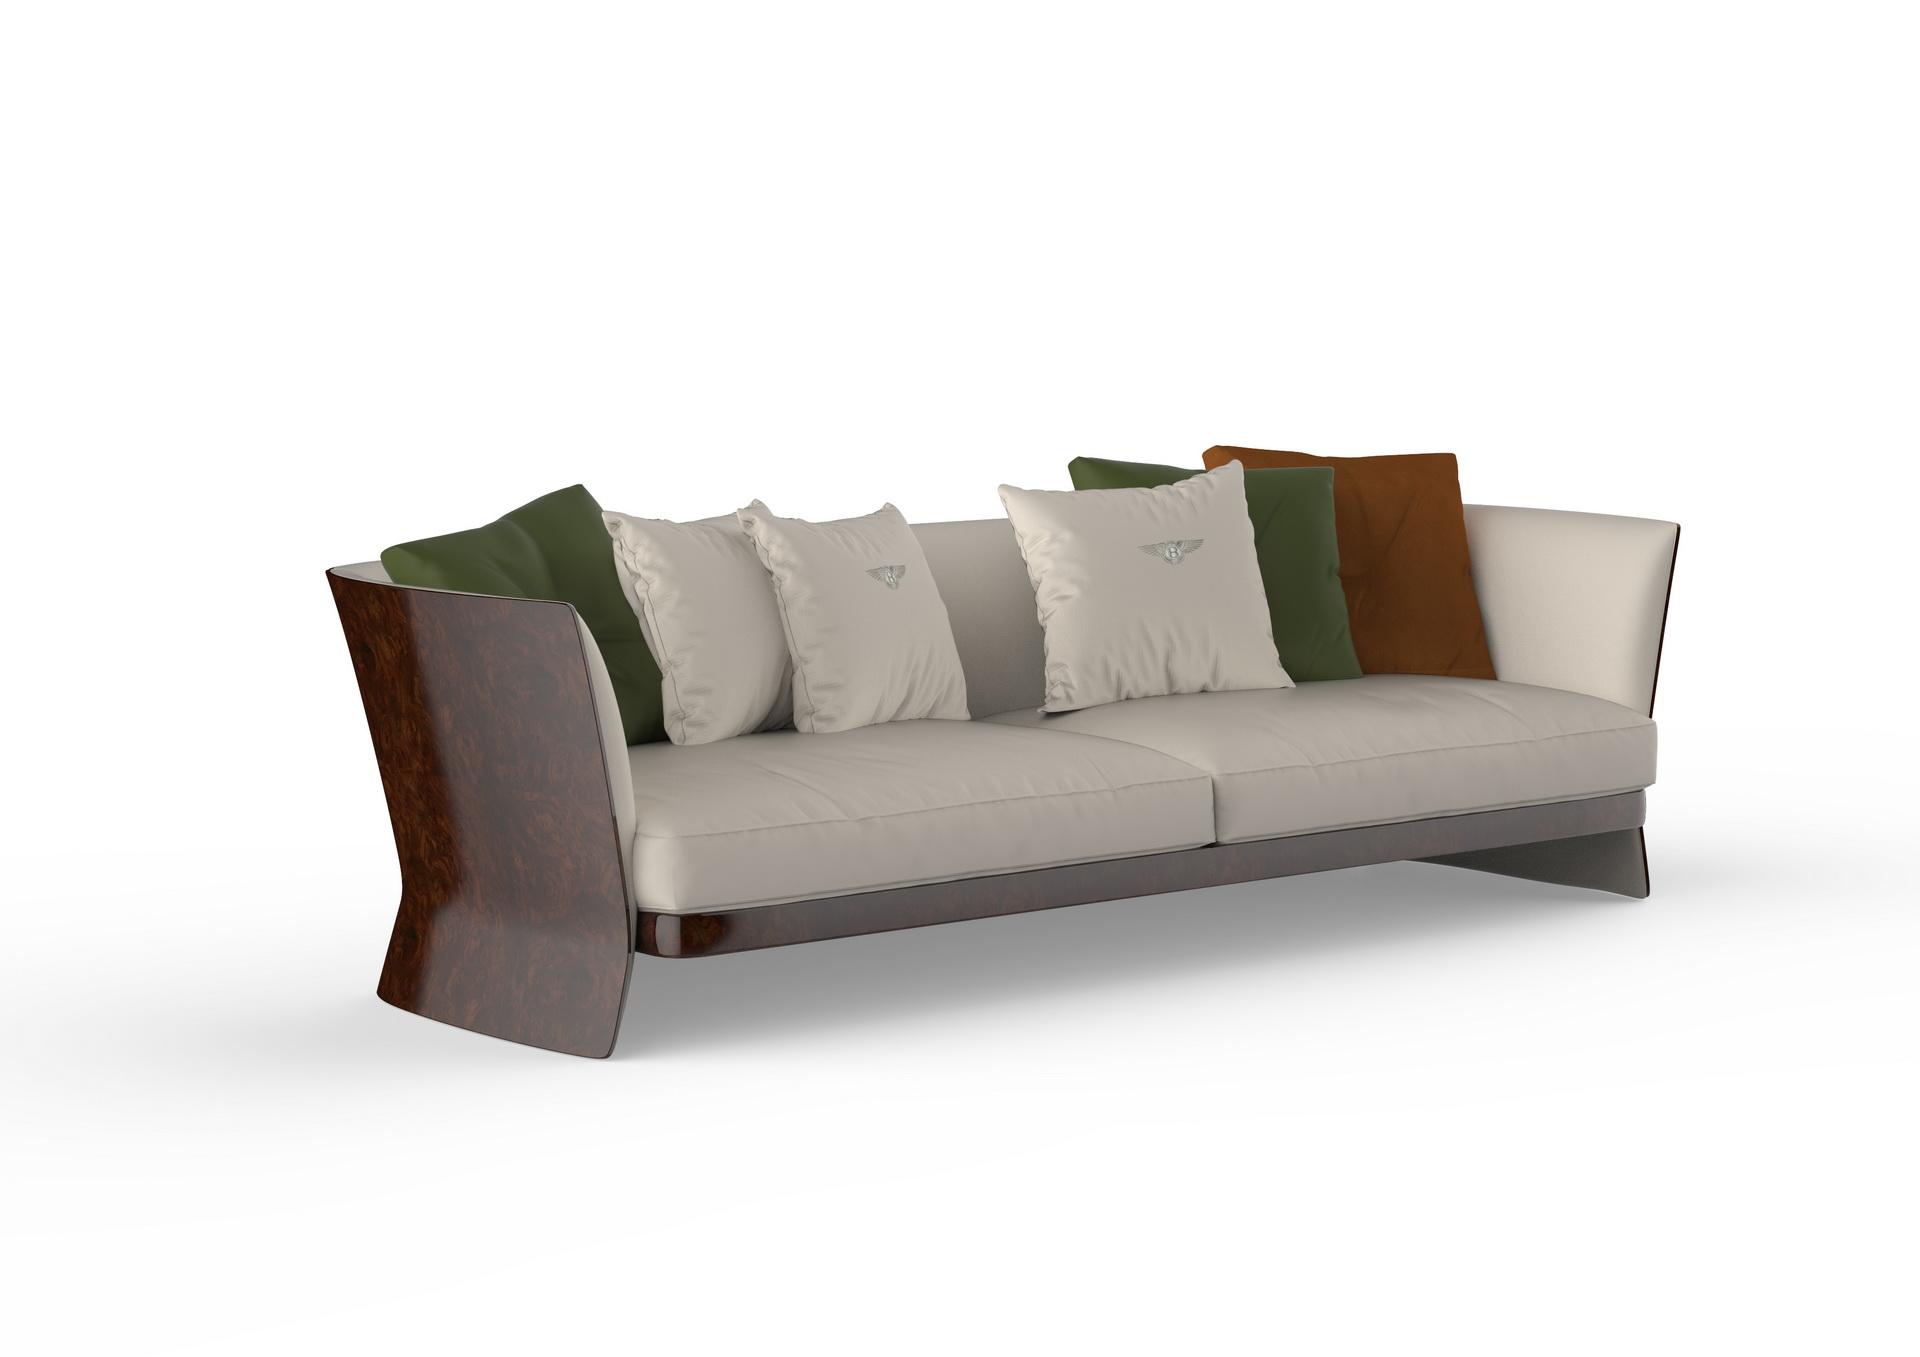 Bentley-furniture-6